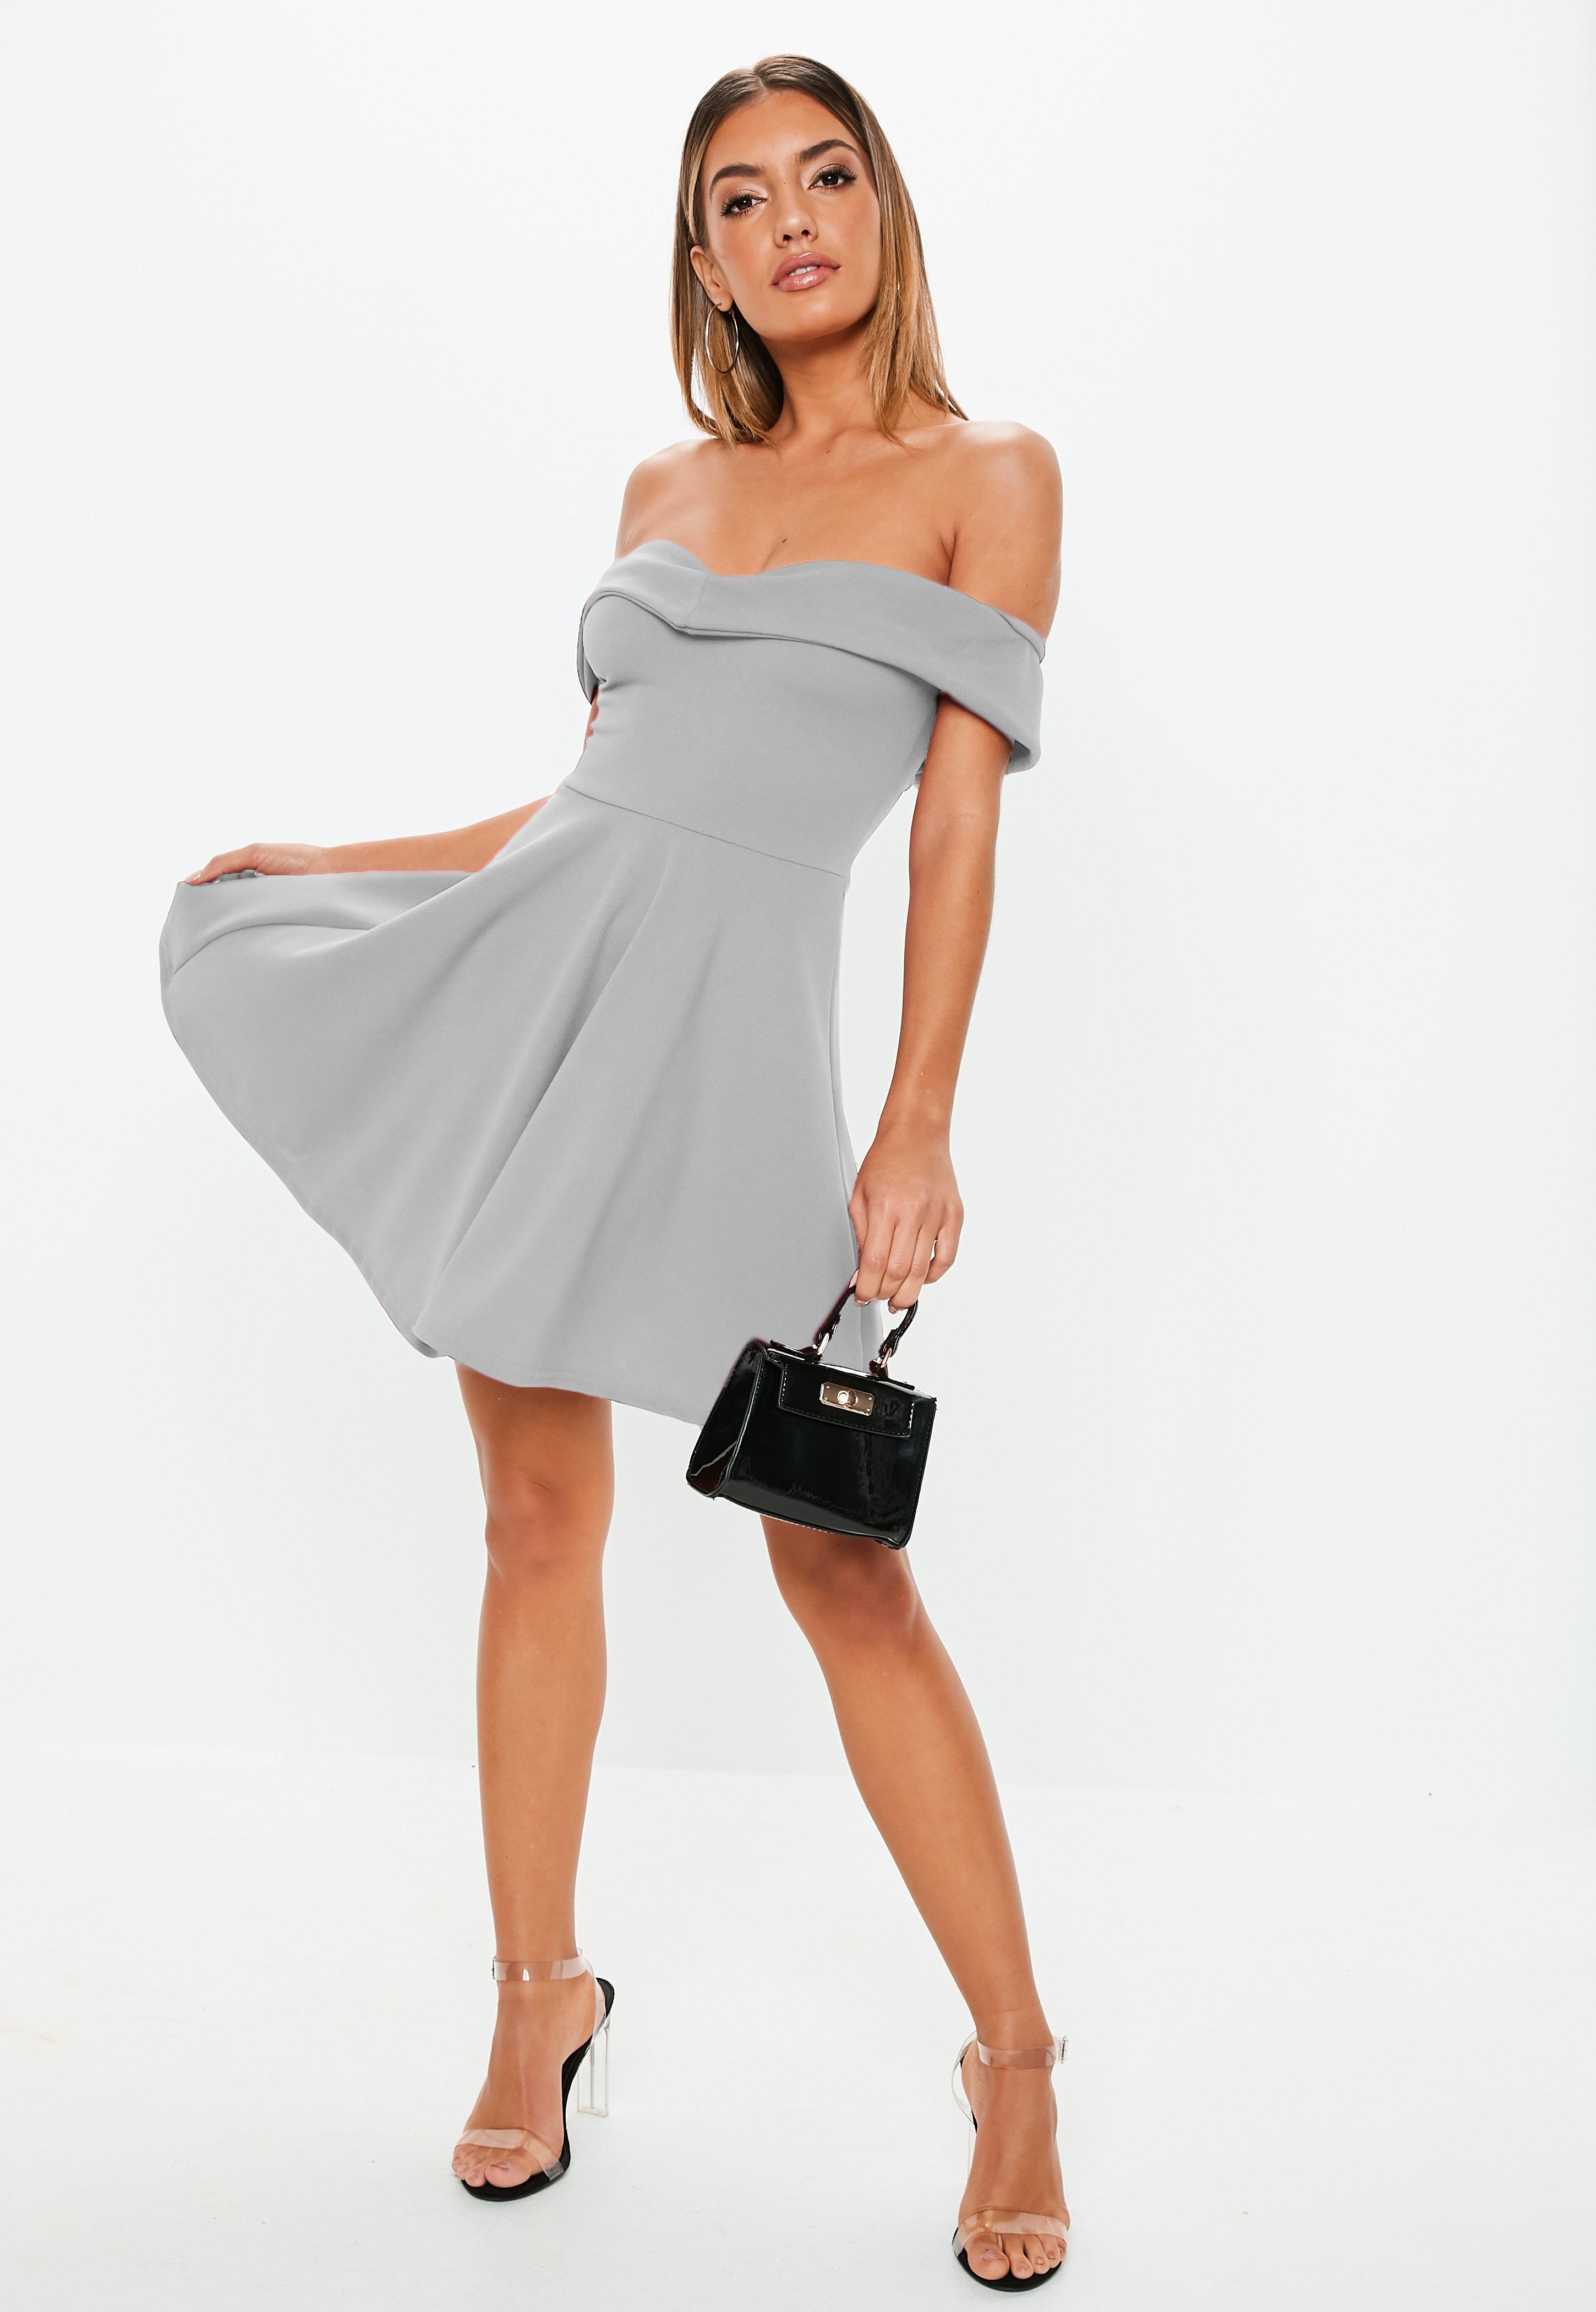 9c1522777d Skater Dresses - Full Skirted Fit   Flare Dresses